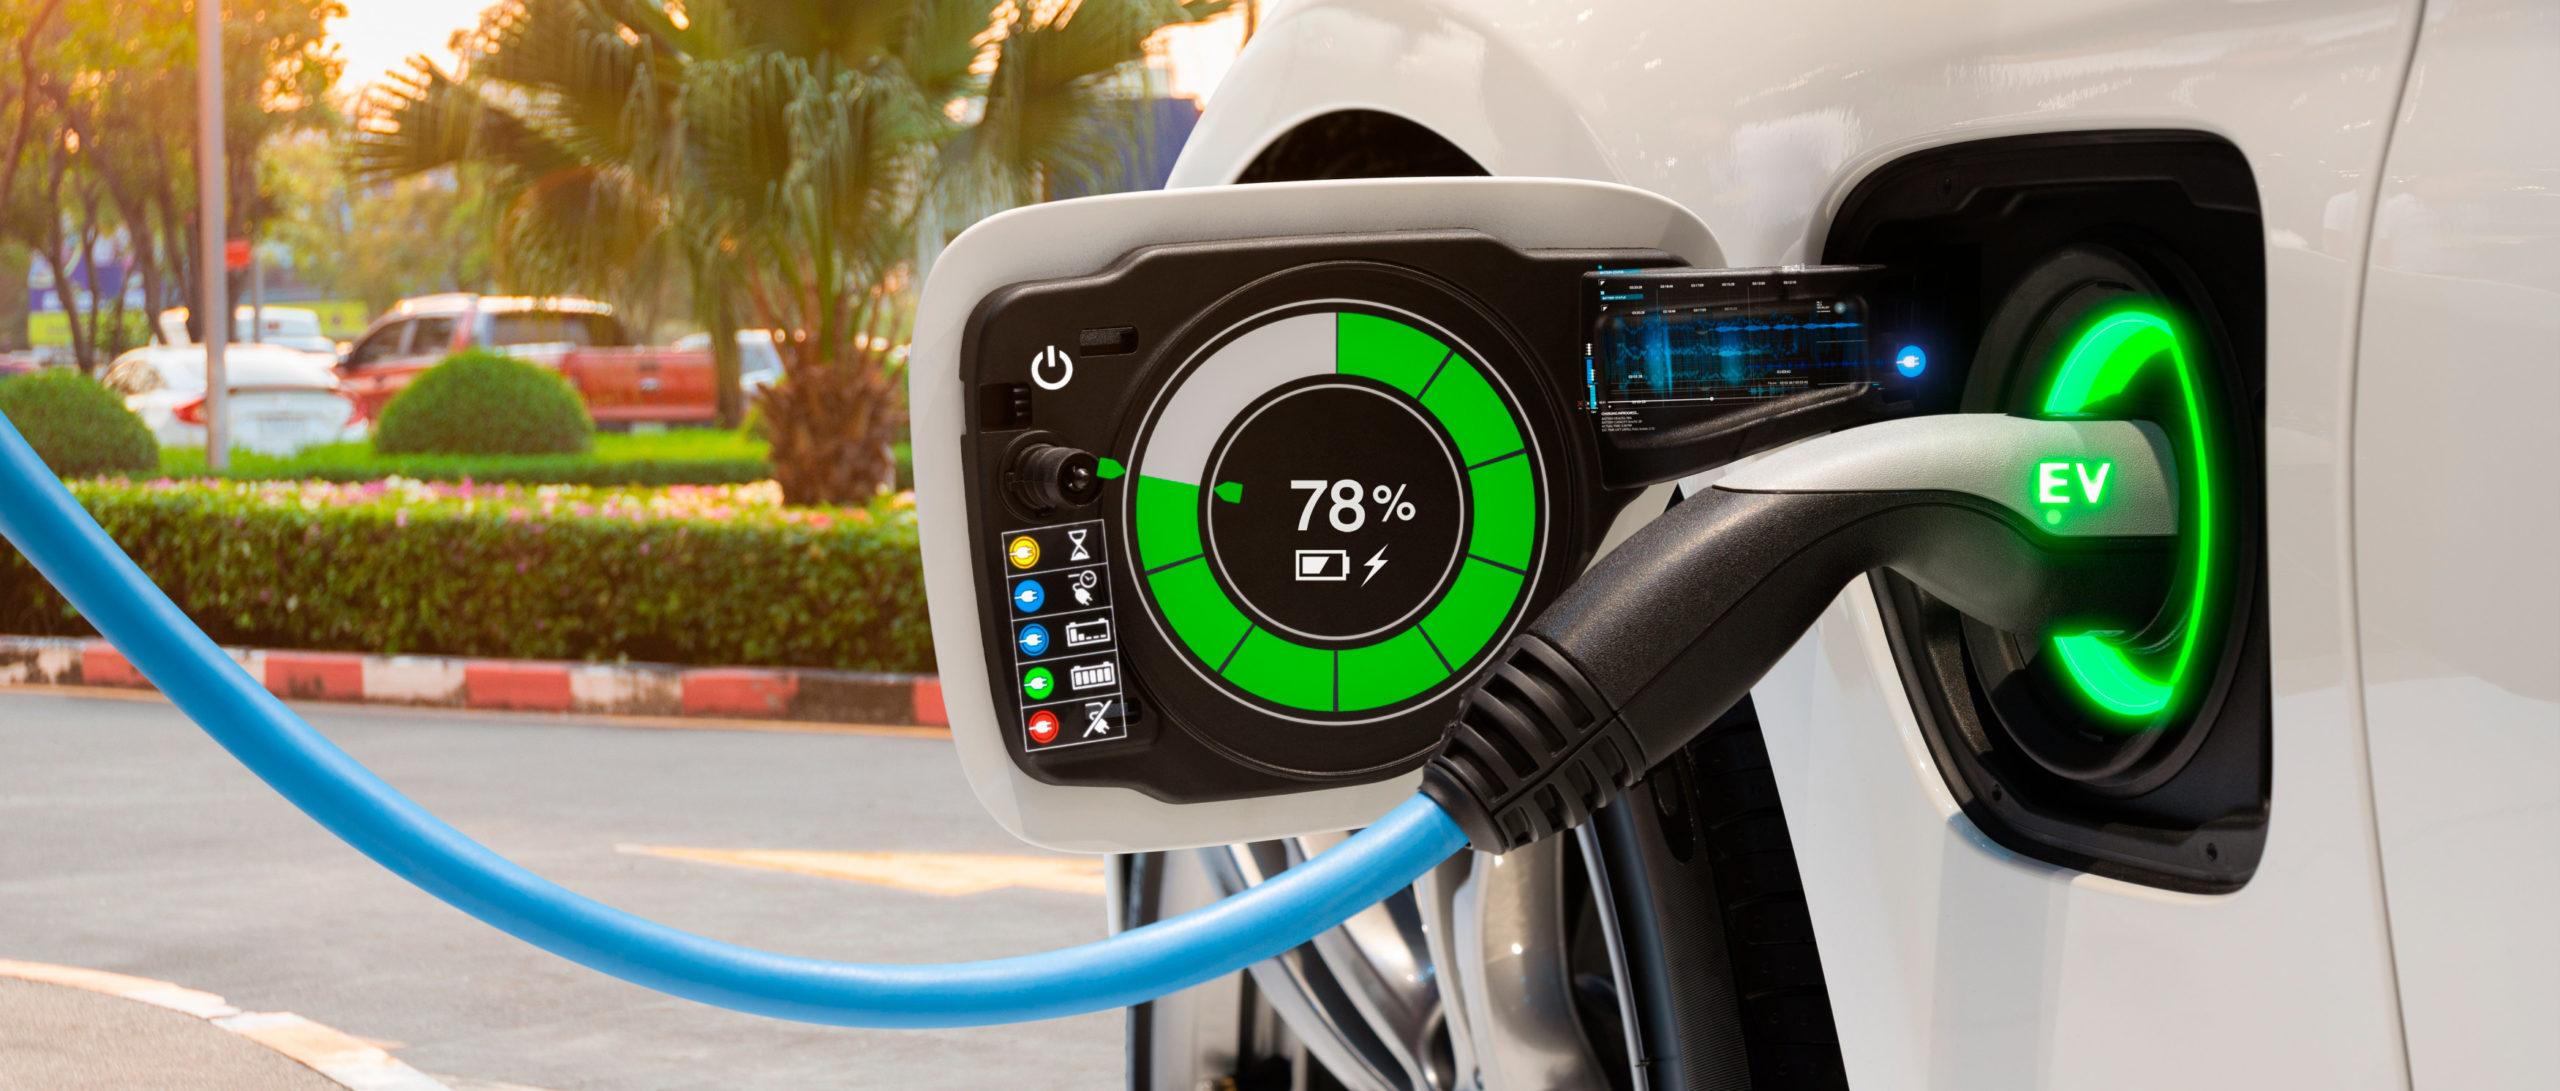 Suben las matriculaciones de vehículos electrificados, híbridos y gas